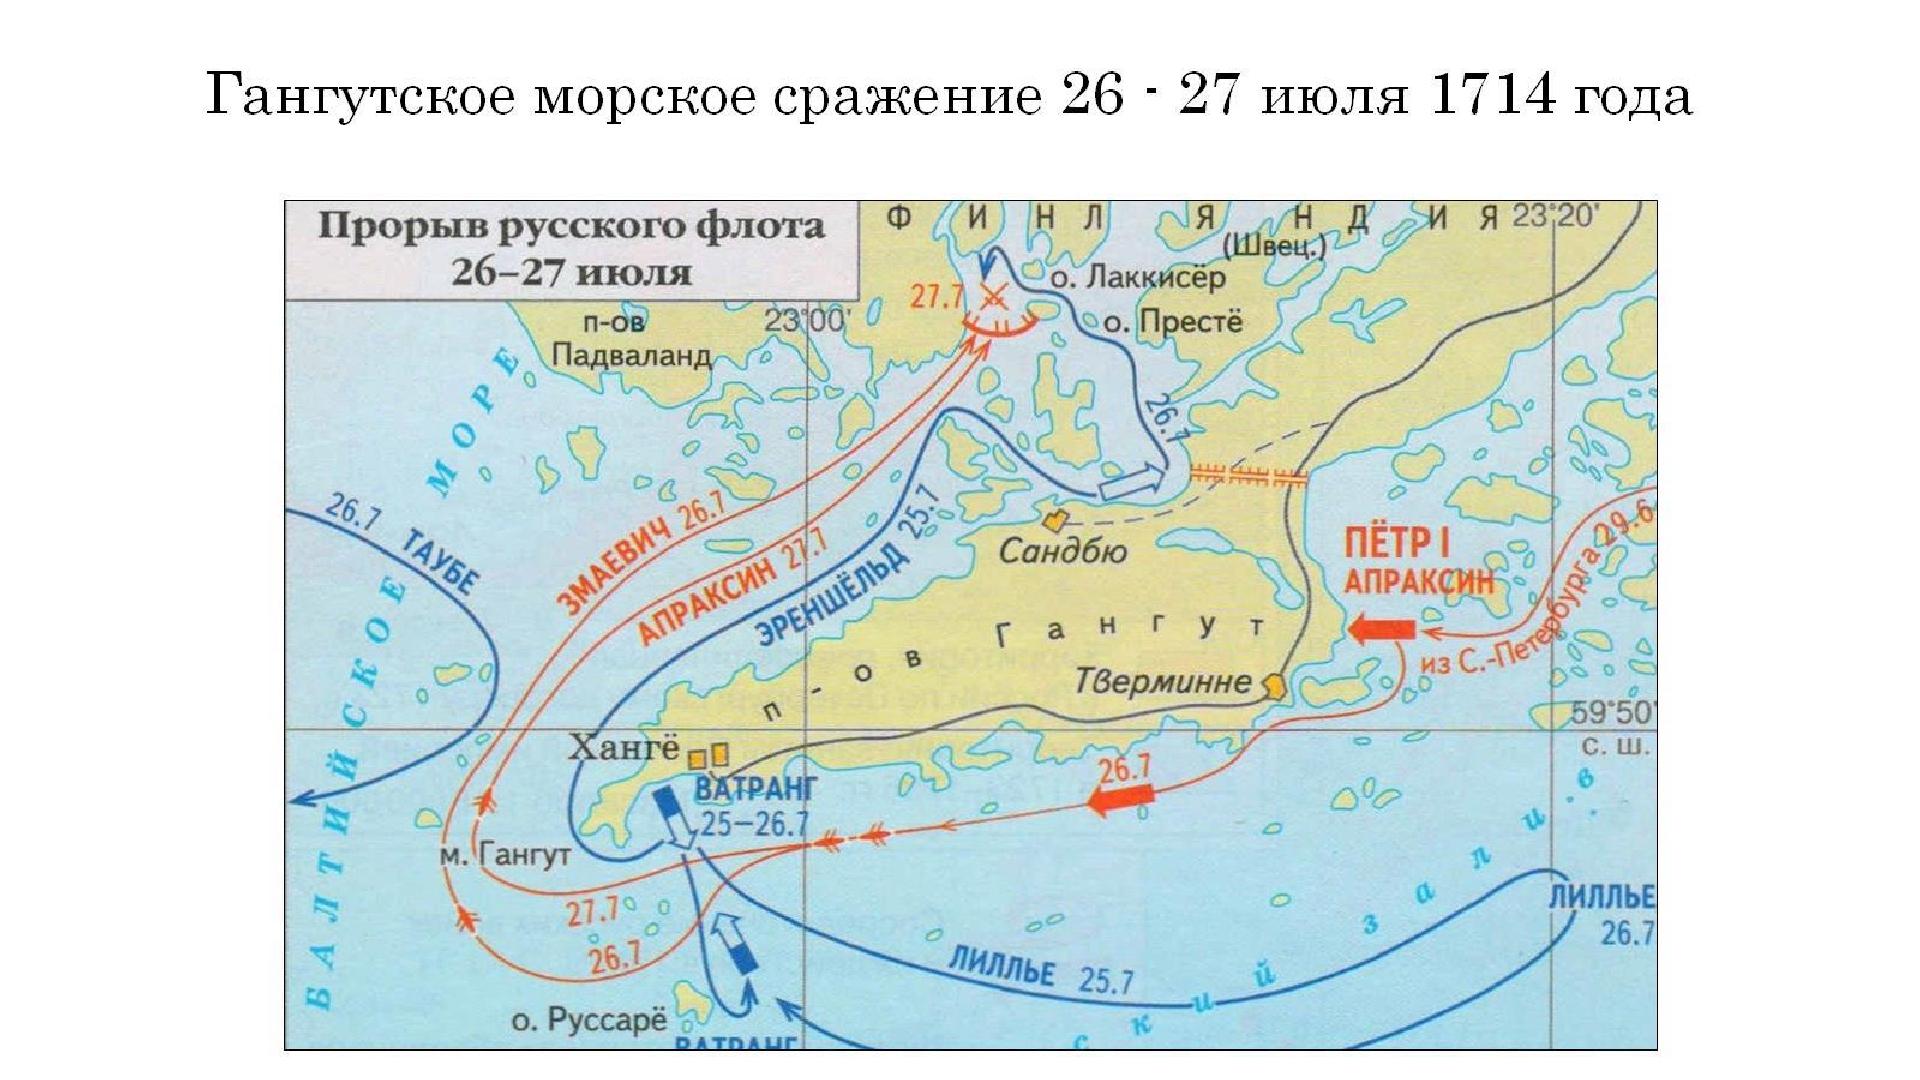 Гангутское морское сражение 26 - 27 июля 1714 года